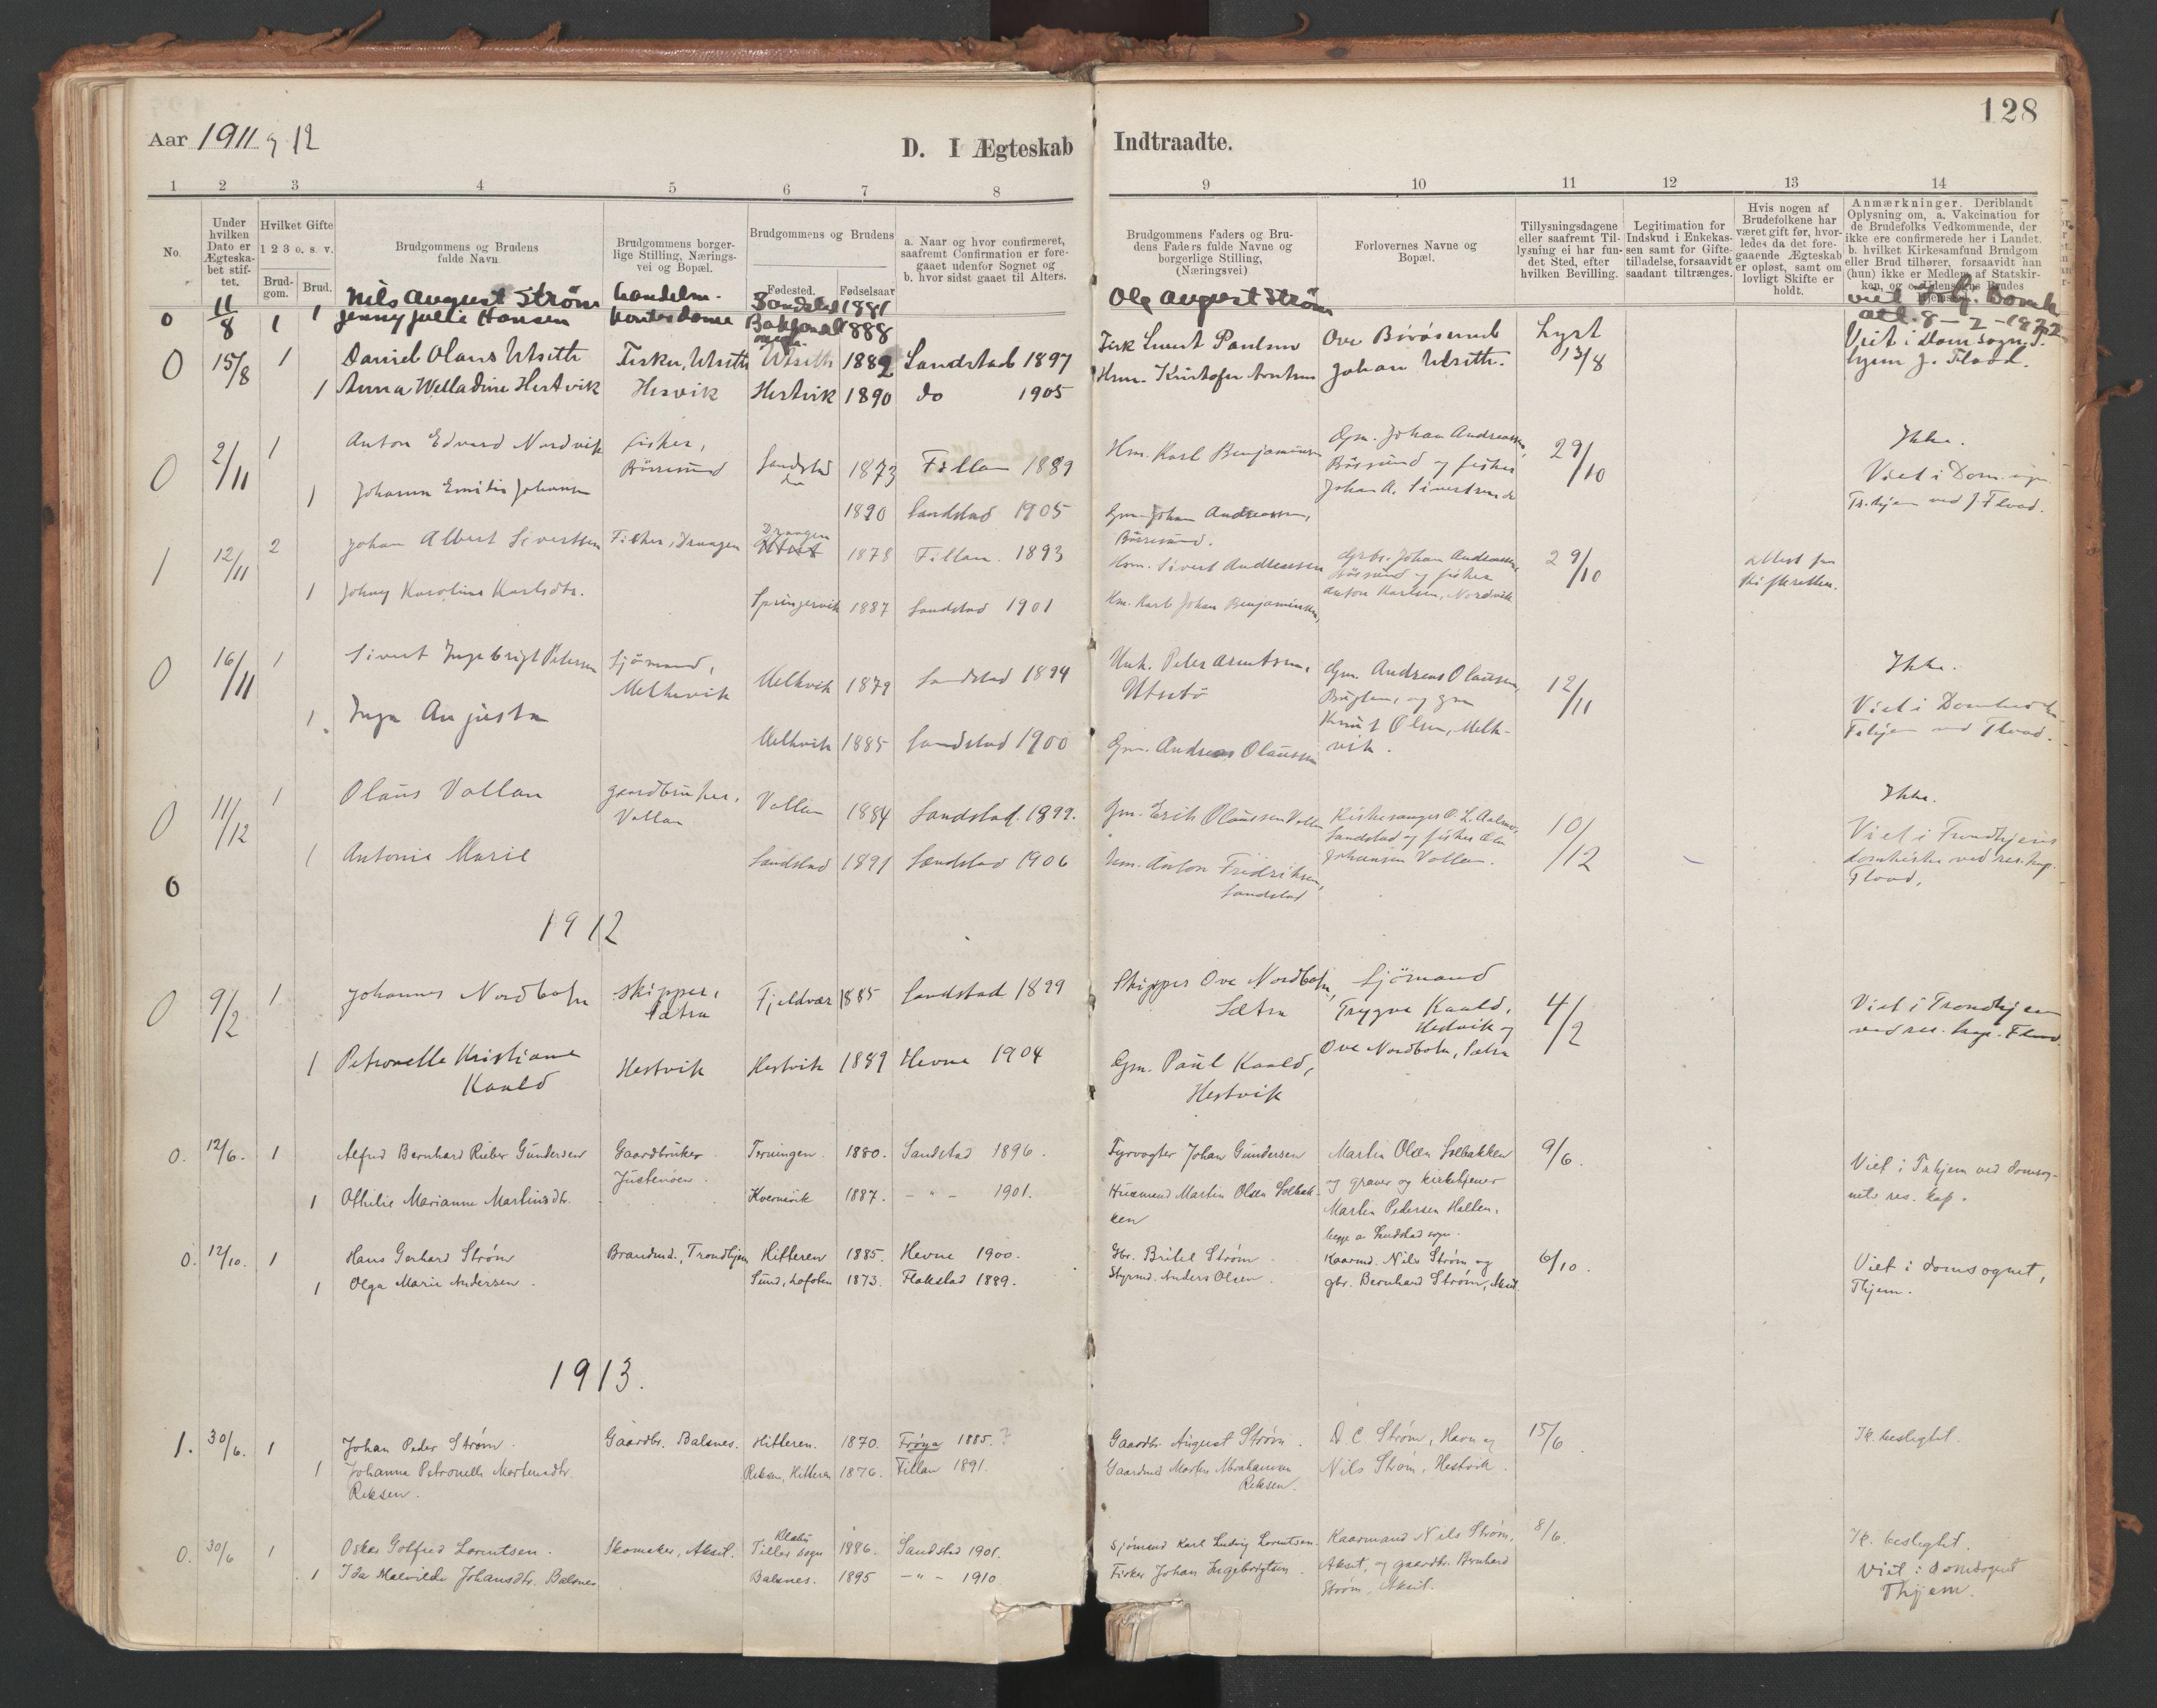 SAT, Ministerialprotokoller, klokkerbøker og fødselsregistre - Sør-Trøndelag, 639/L0572: Ministerialbok nr. 639A01, 1890-1920, s. 128